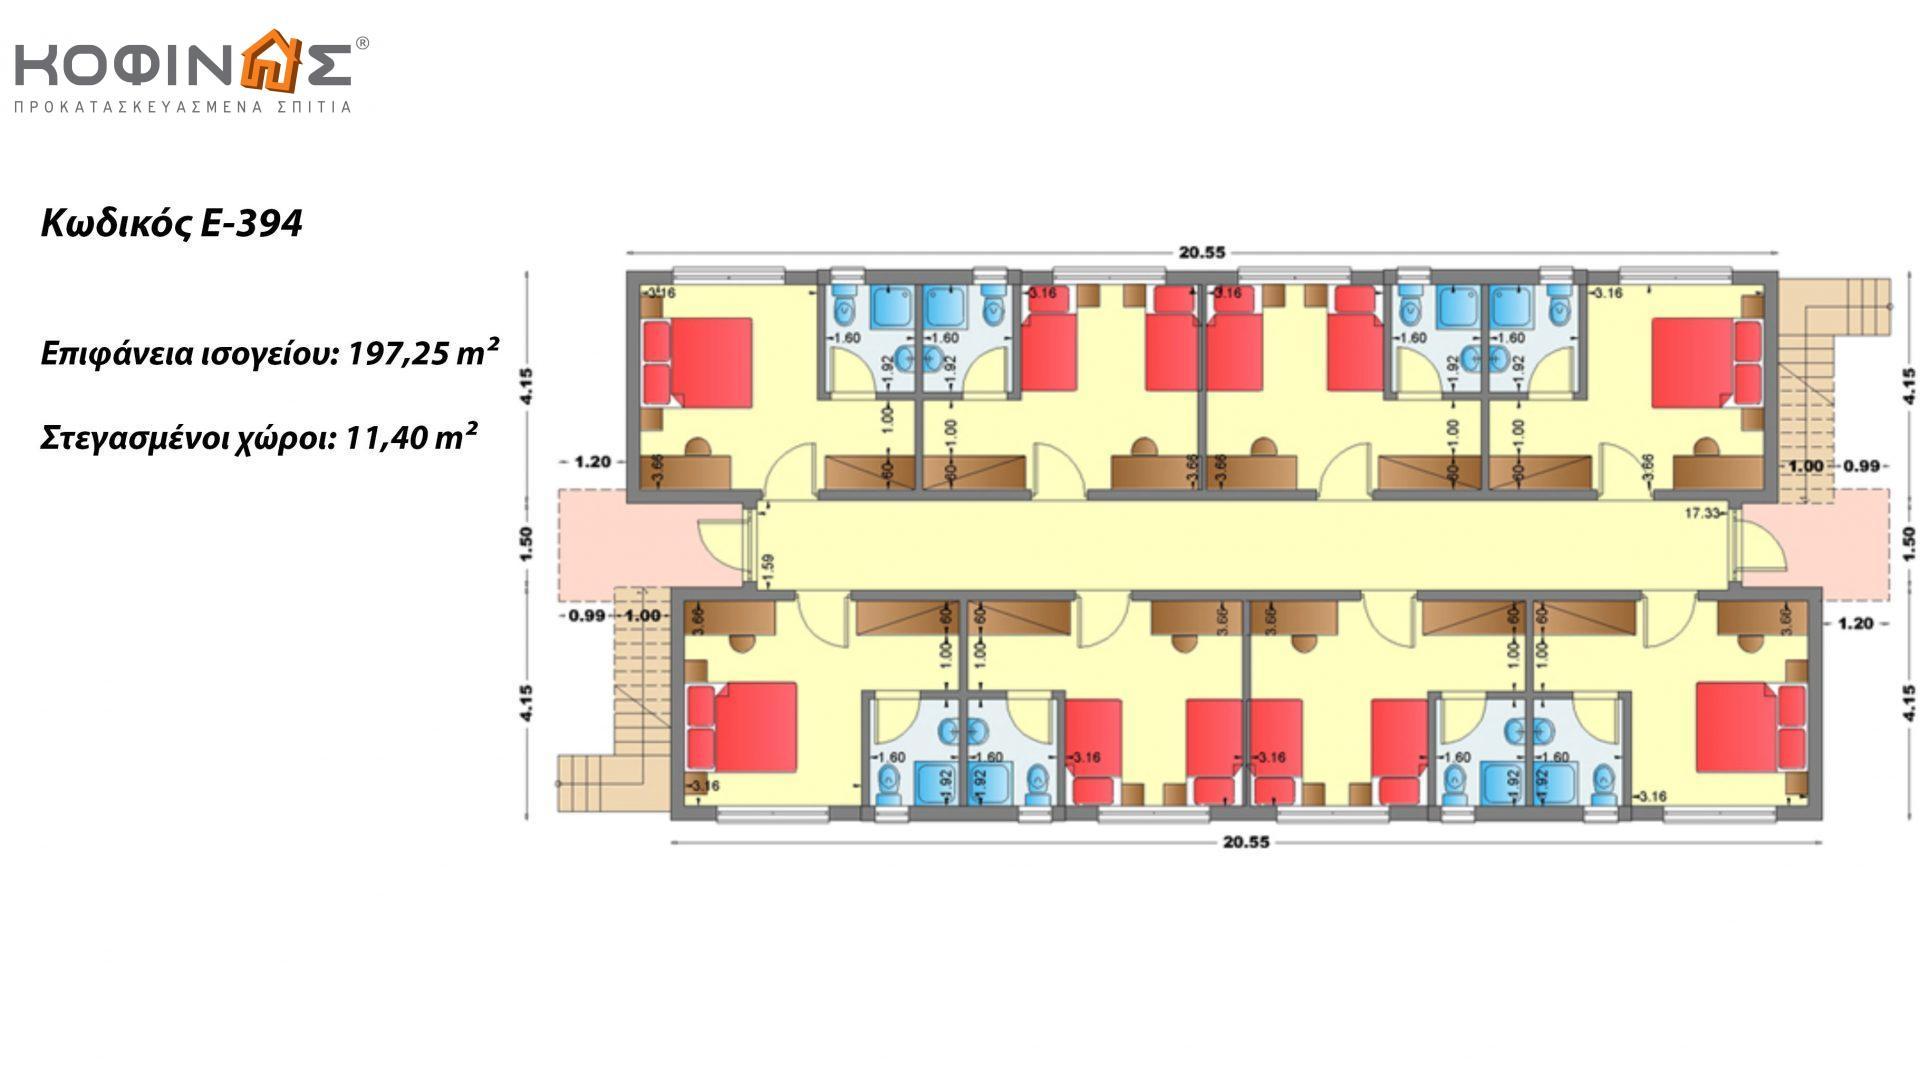 Διώροφο Motel E-394, συνολικής επιφάνειας 394,50 τ.μ., συνολική επιφάνεια στεγασμένων χώρων 22,80 τ.μ.